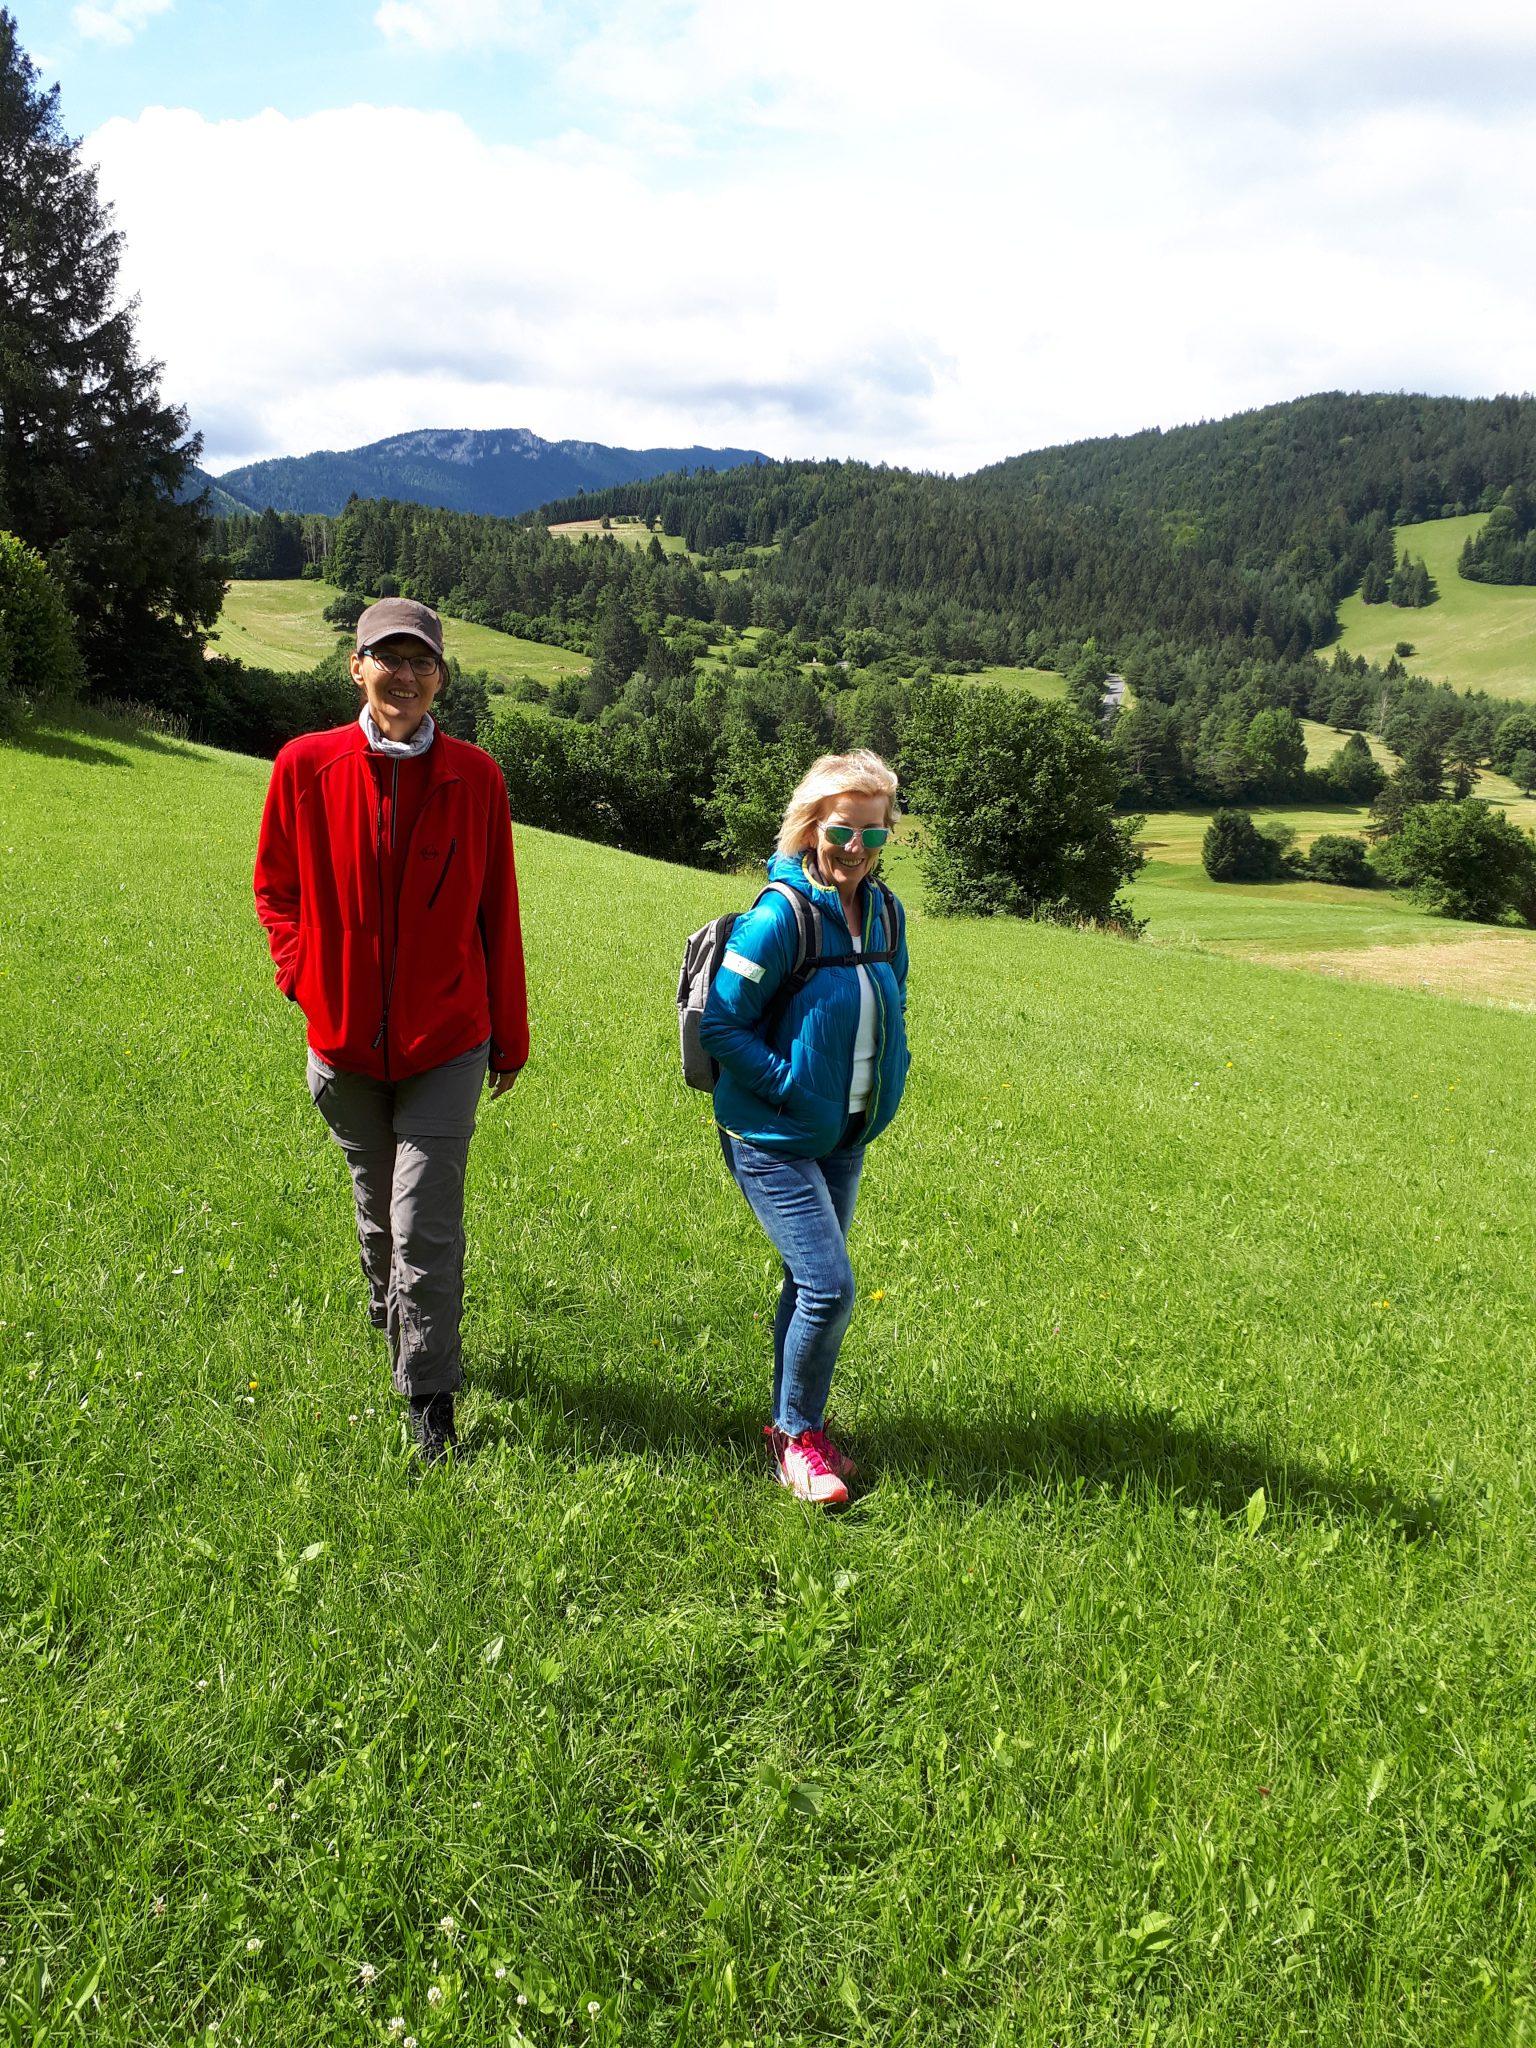 Friedensweg, Kitzberg